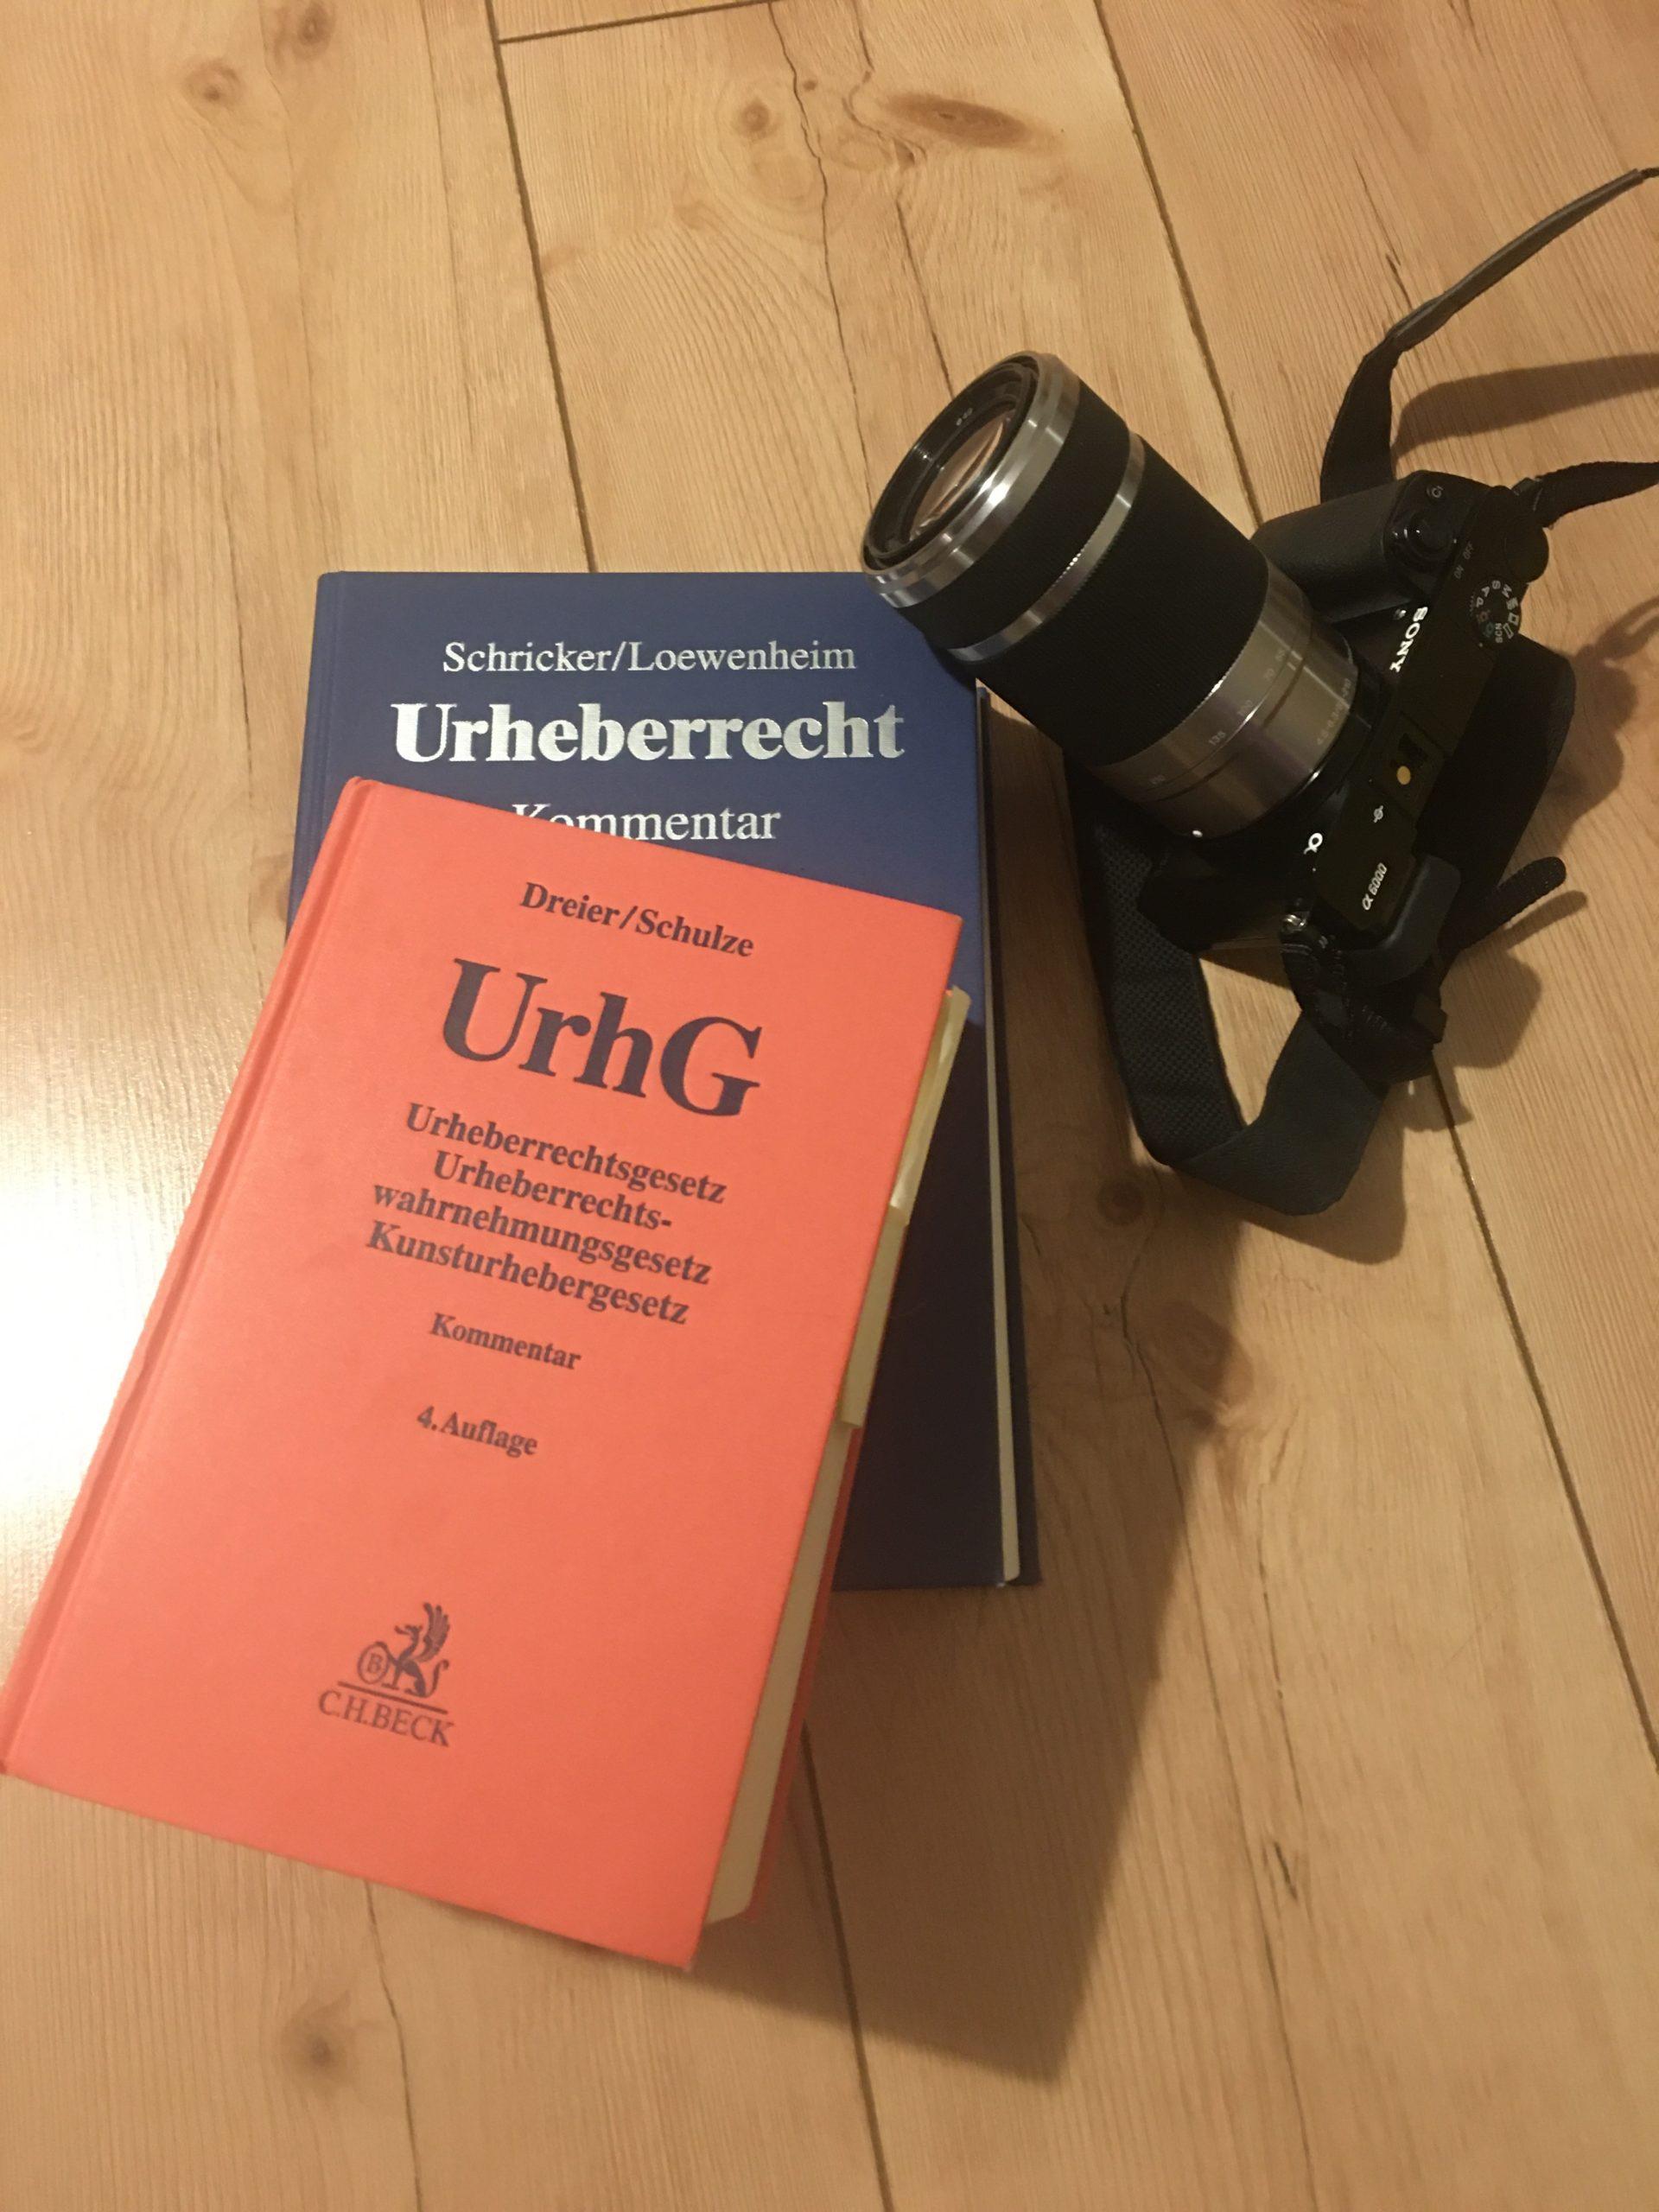 Abmahnung erhalten - Ferner: Rechtsanwalt für Strafrecht, Verkehrsrecht, IT-Recht Aachen